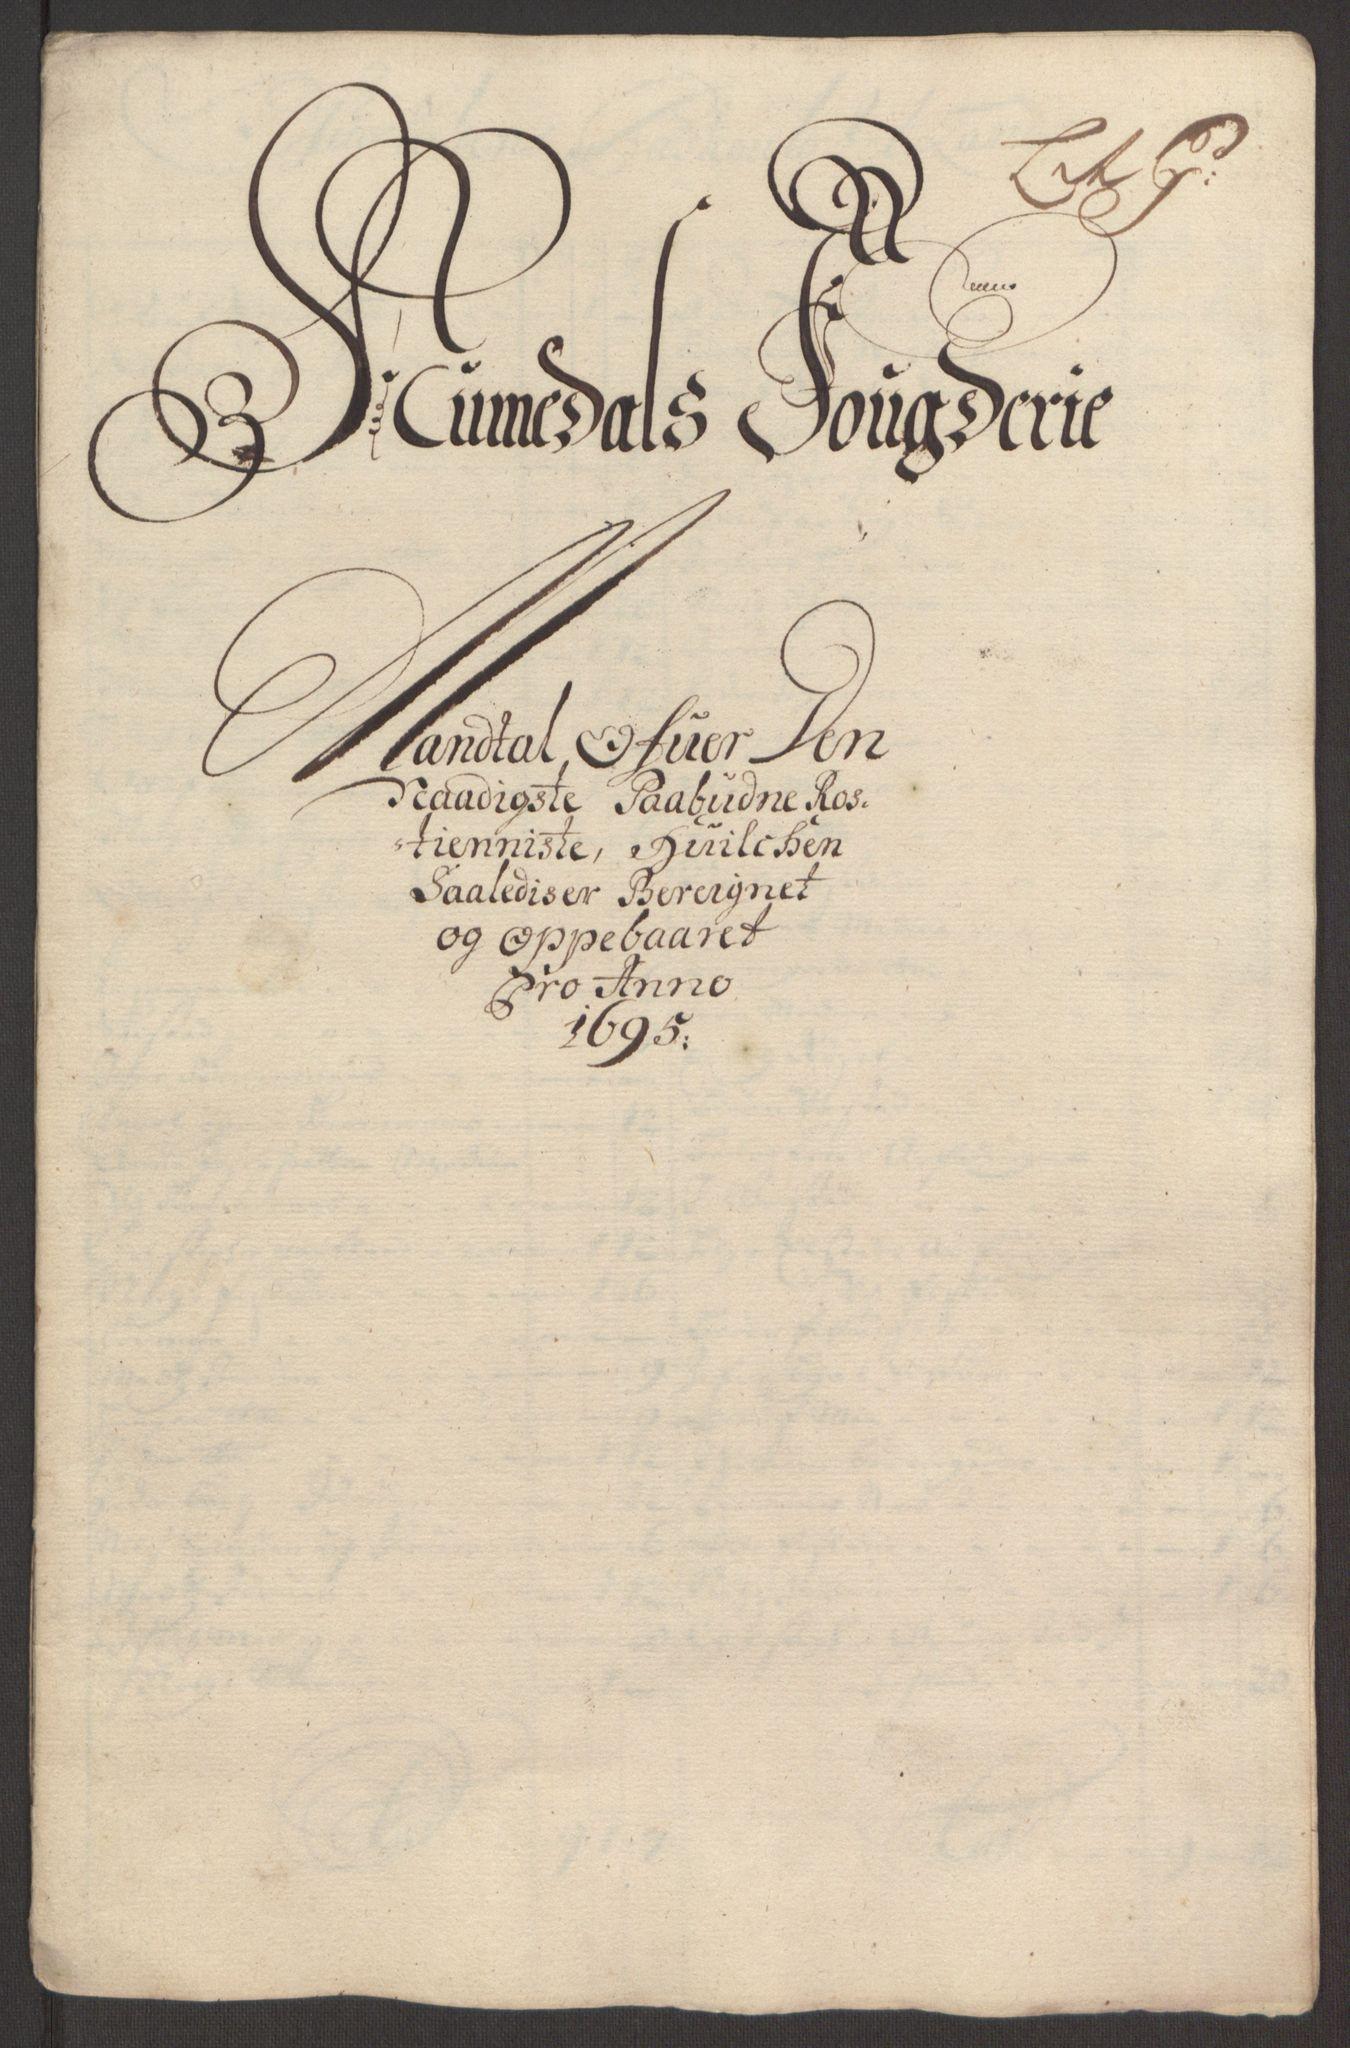 RA, Rentekammeret inntil 1814, Reviderte regnskaper, Fogderegnskap, R64/L4424: Fogderegnskap Namdal, 1692-1695, s. 480